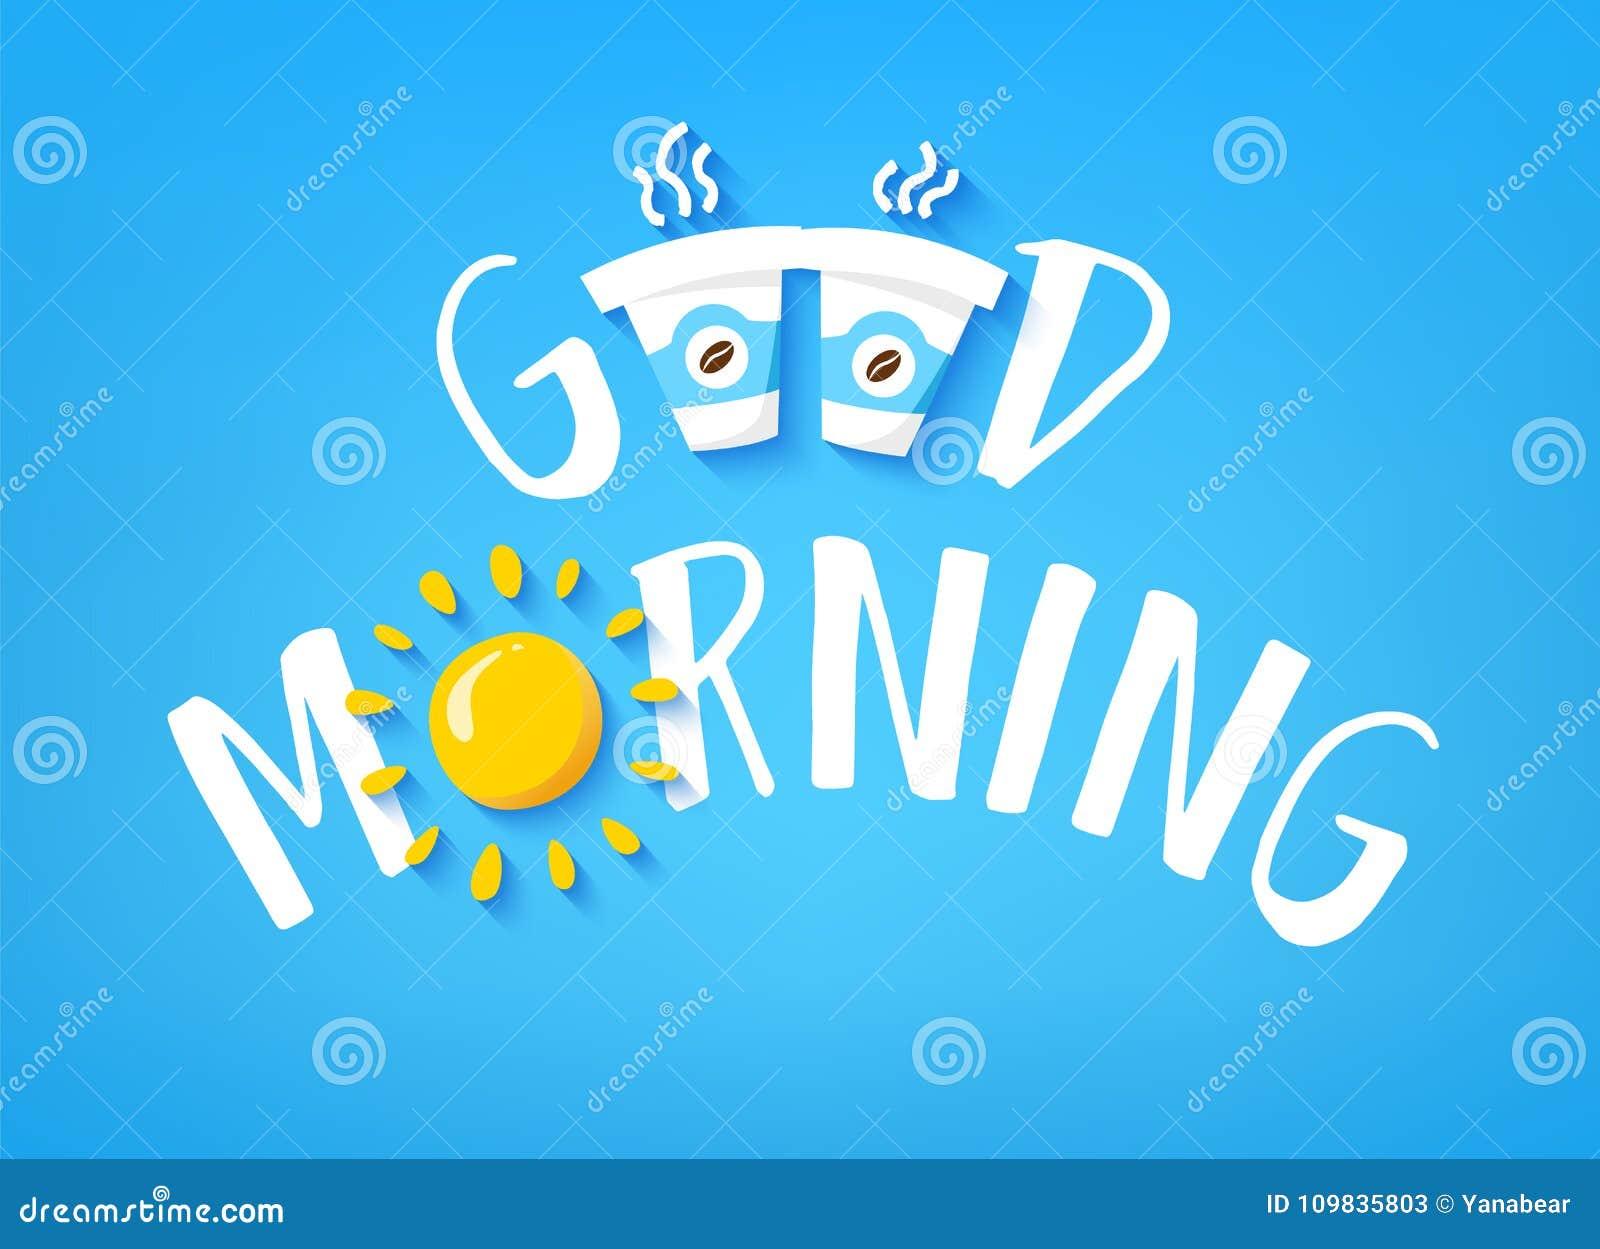 Insegna Di Buongiorno Con Testo Sveglio Due Tazze Di Caffè